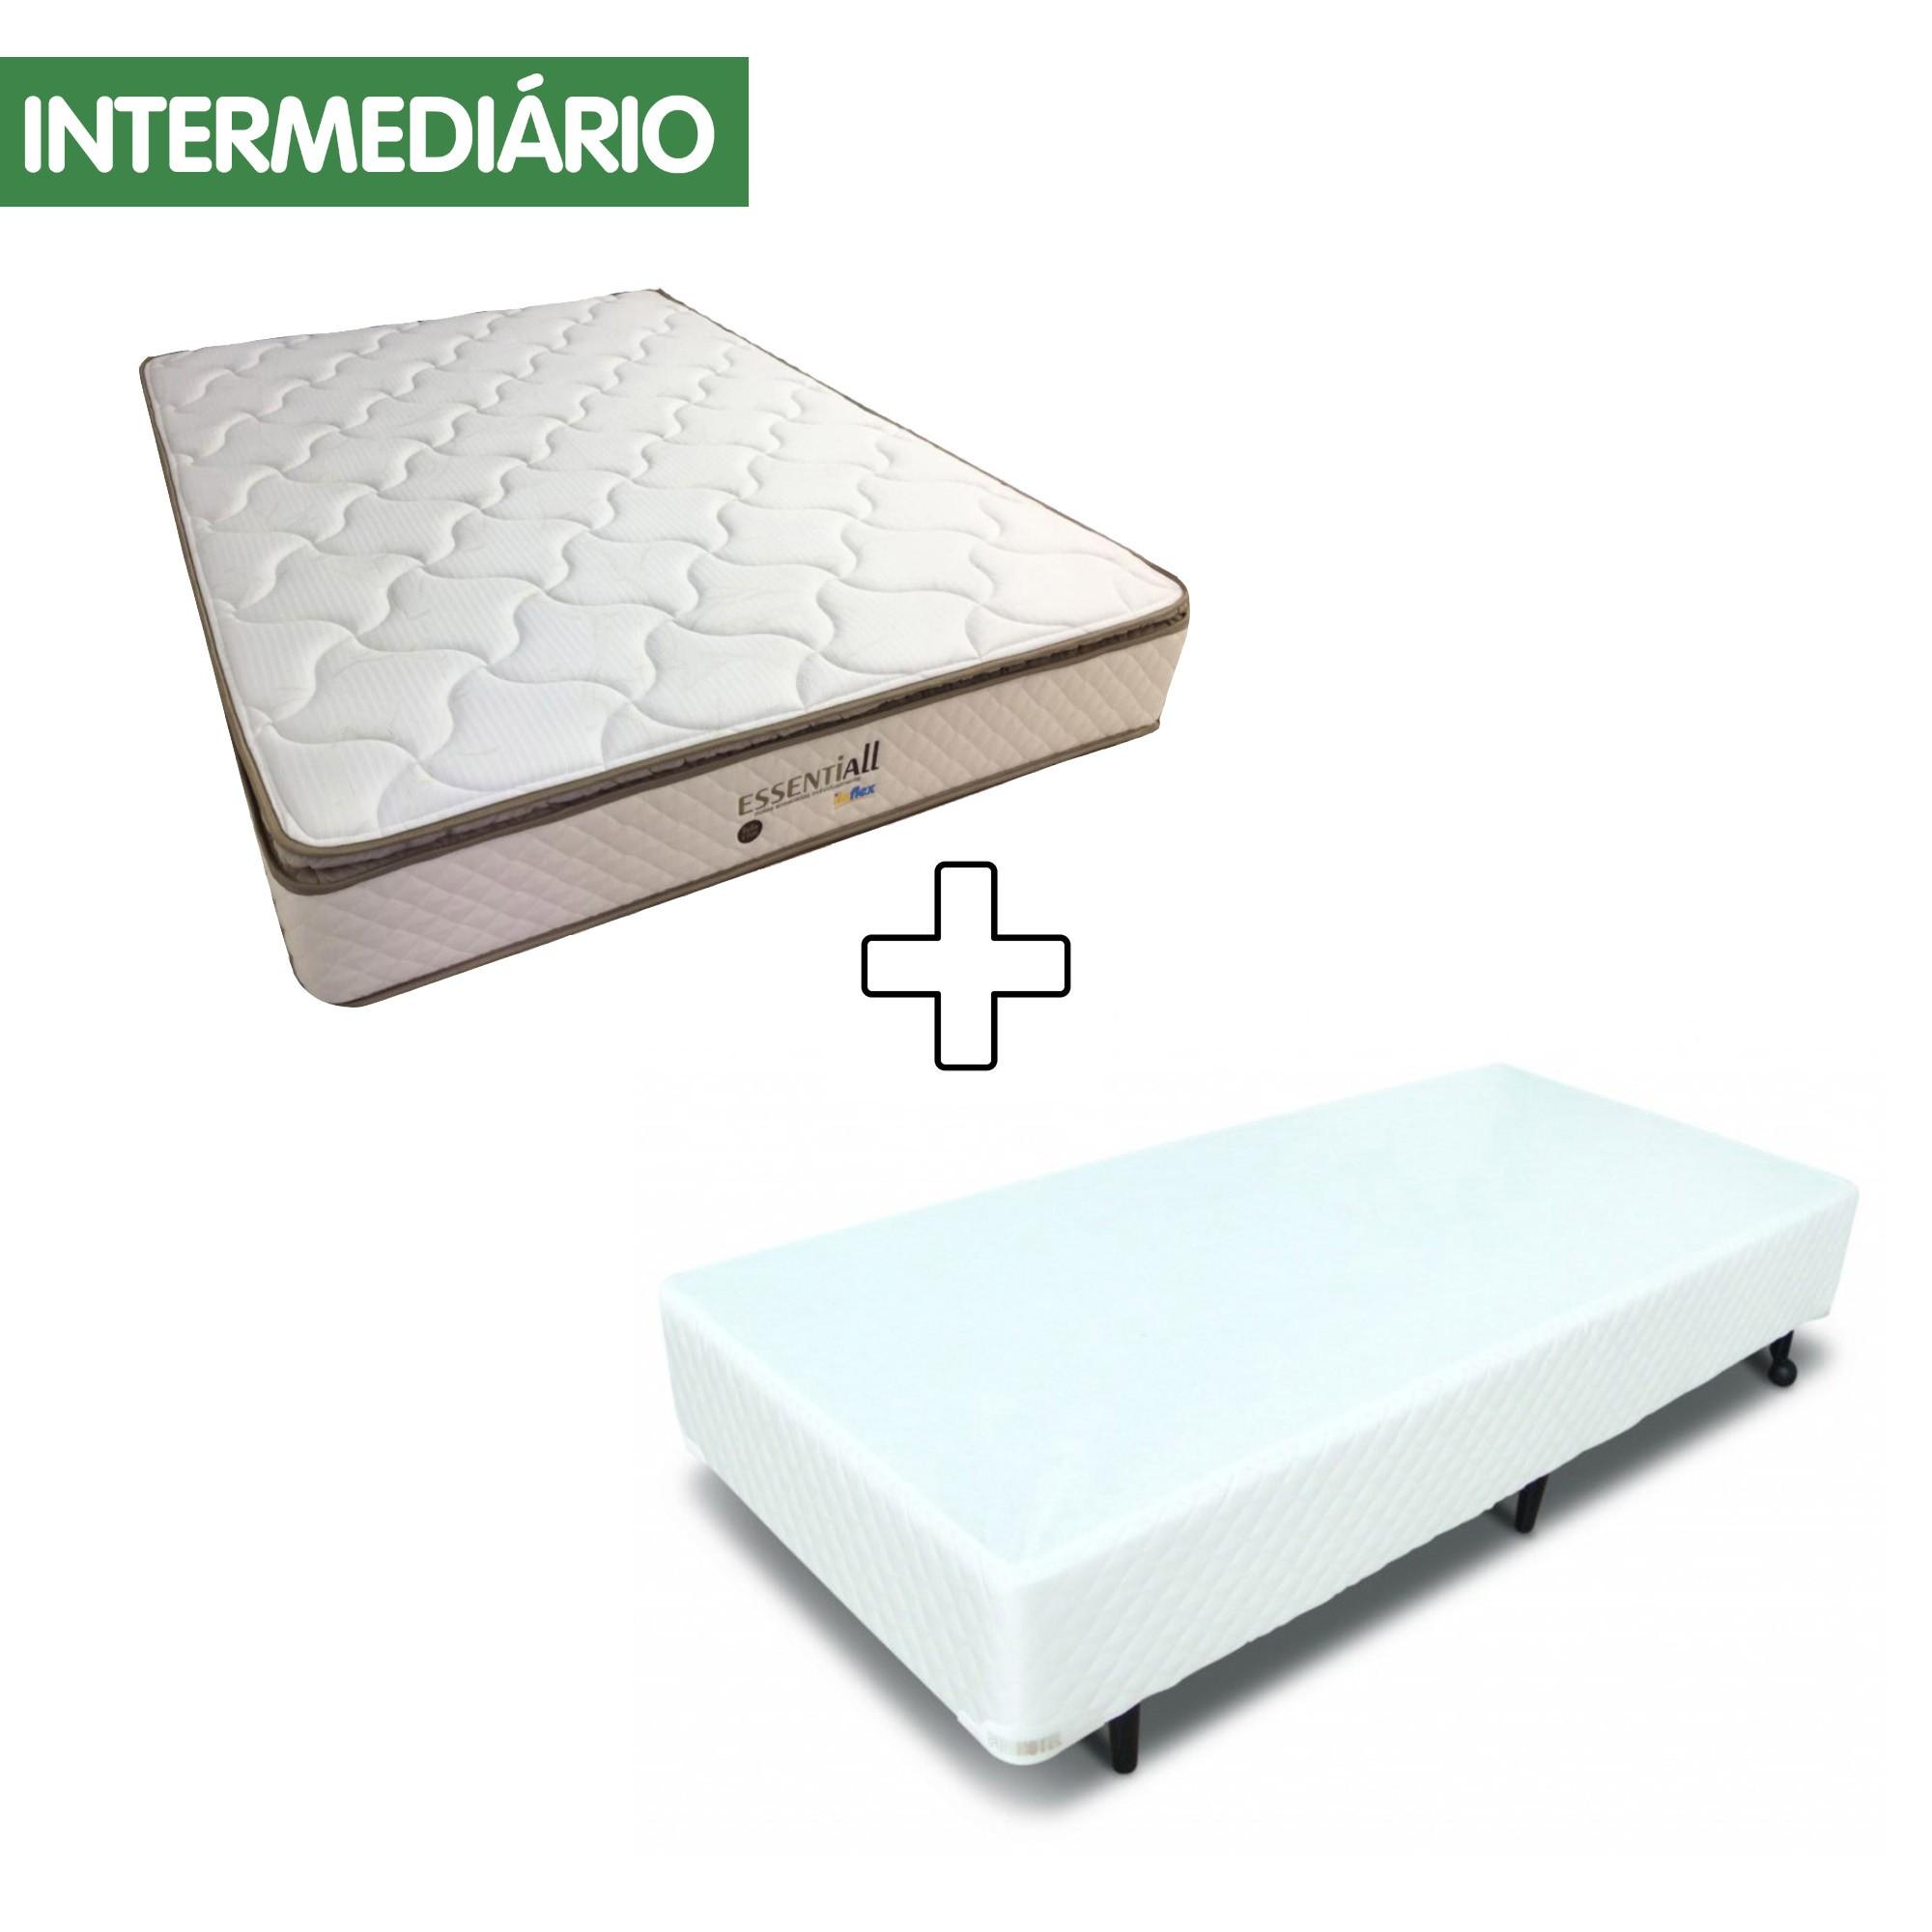 Conjunto Box MGA Itaflex Essentiall [Solteirão 096 x 203 cm]